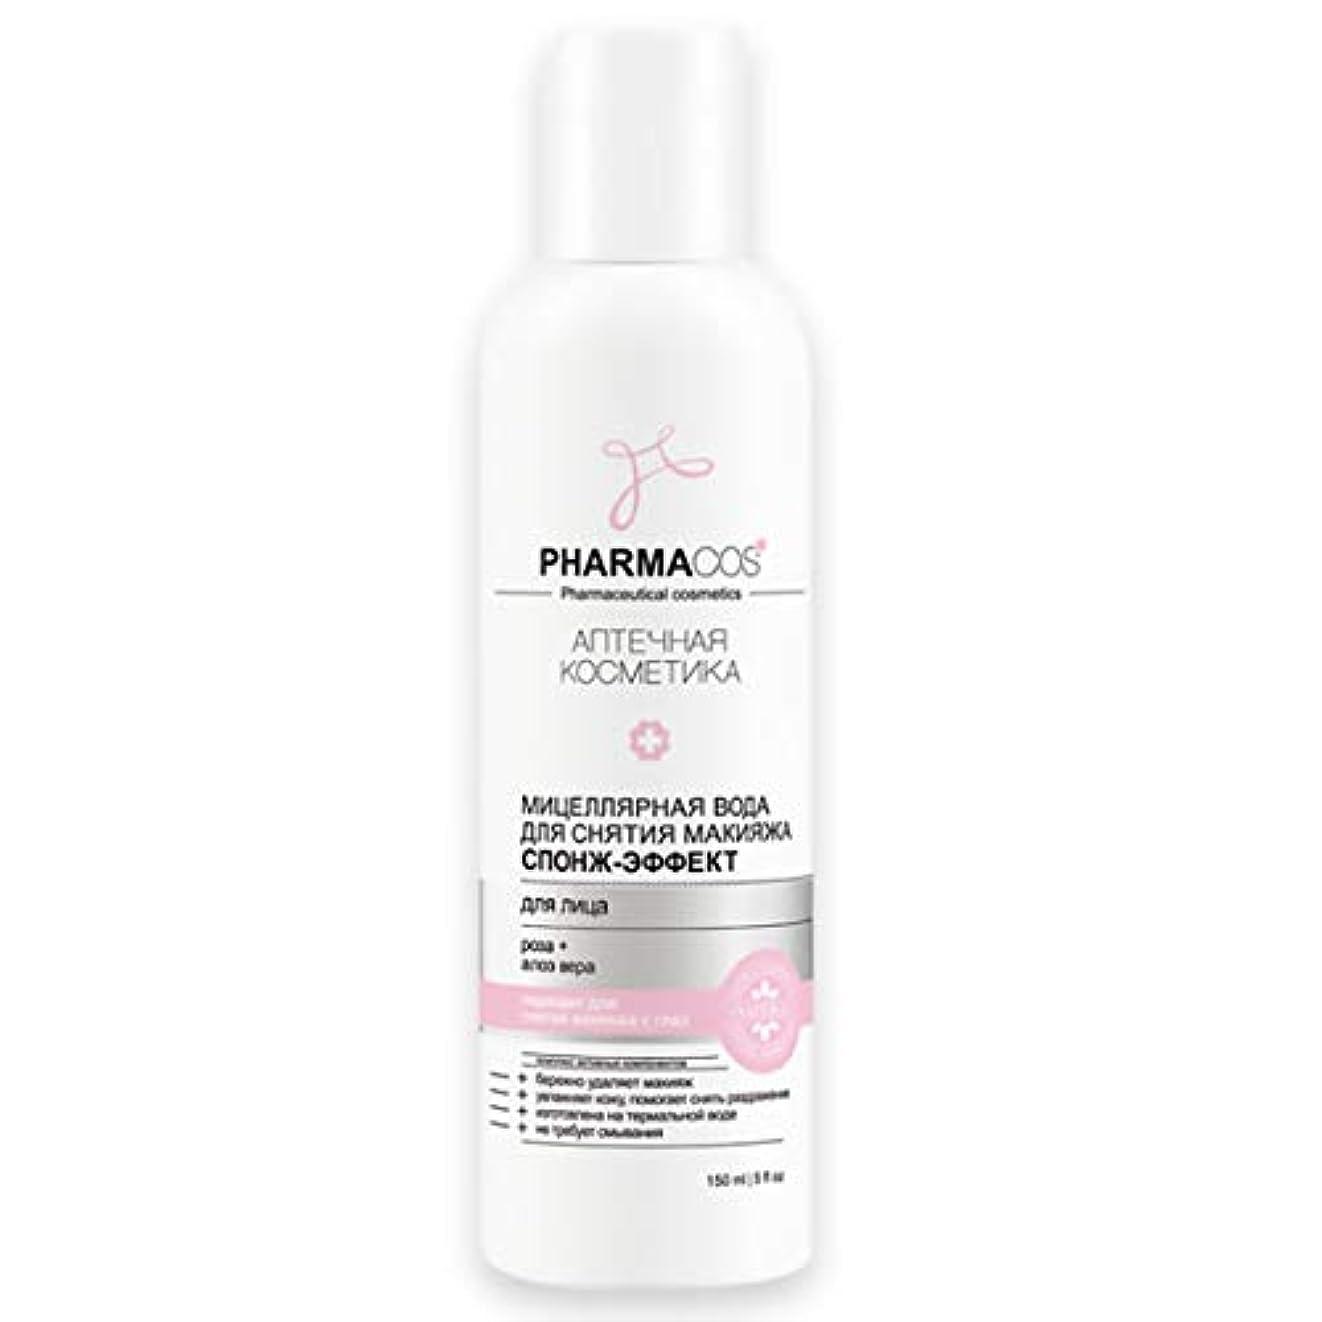 ペルメル荒涼としたアヒルBielita & Vitex Pharmacos Line | Micellar Make-Up Remover  Sponge-Effect  | Rosa Damascena | Aloe vera | Chamomilla...